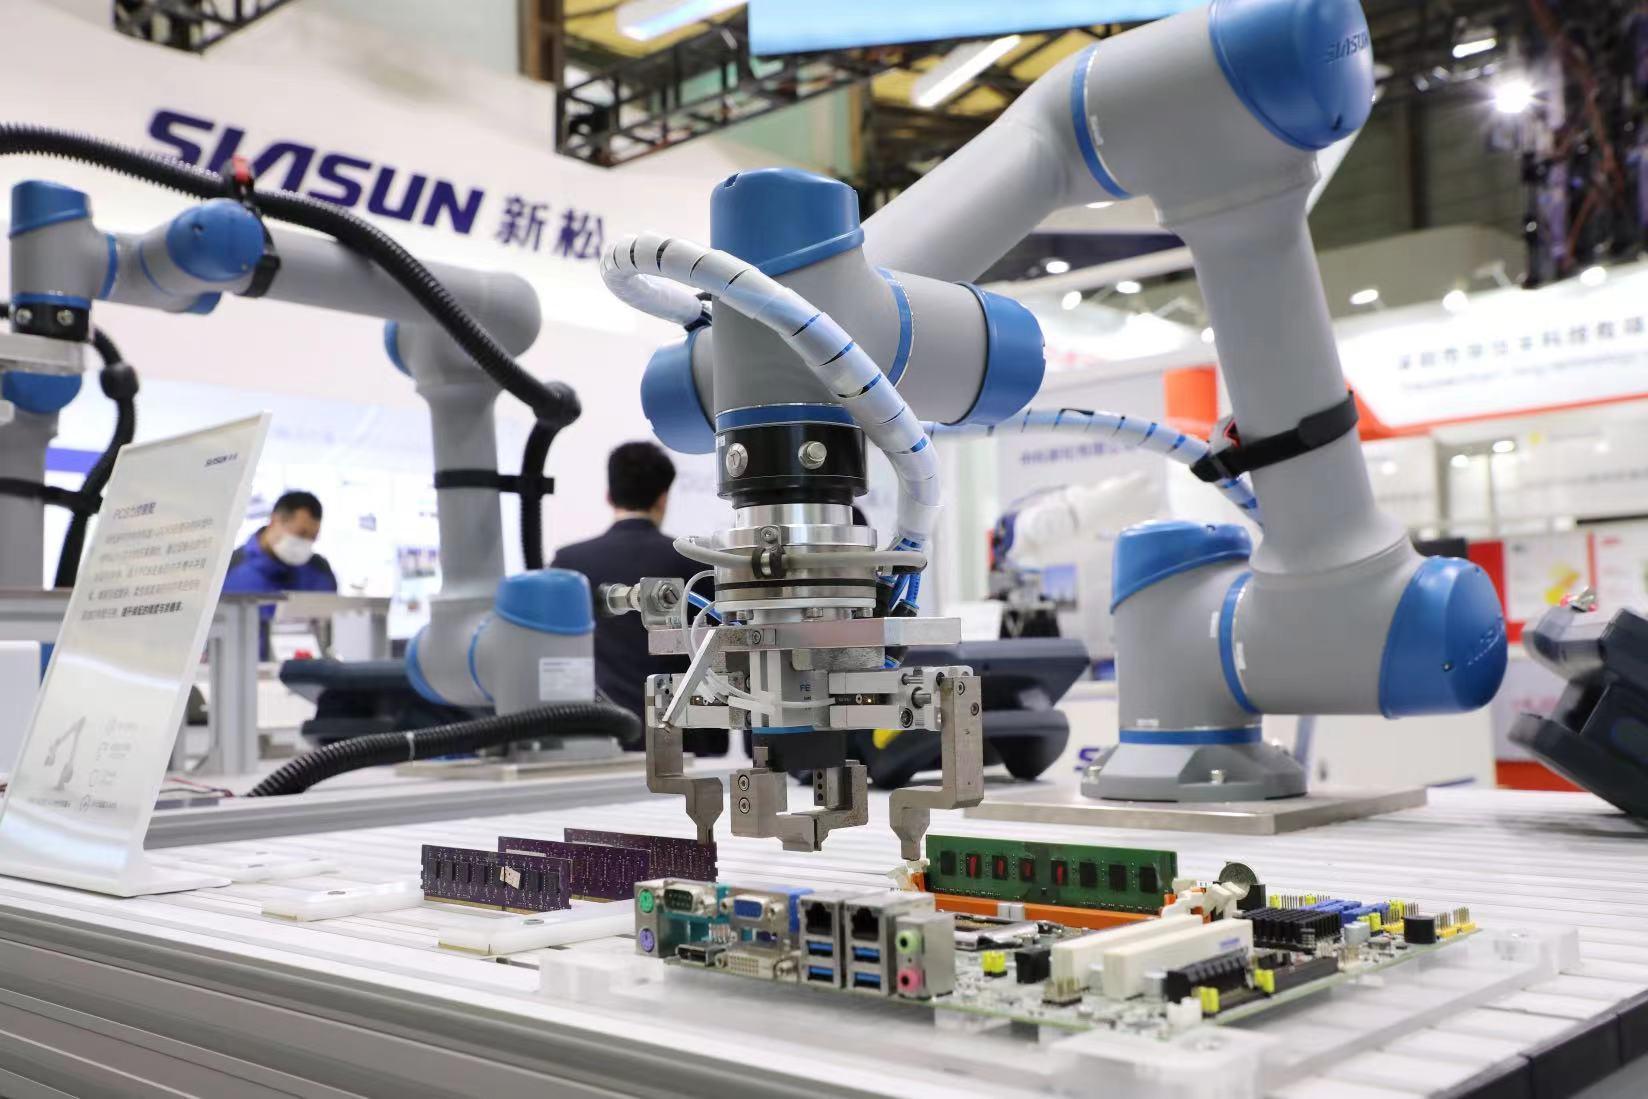 坚持自主创新,新松机器人积极构建产品生态